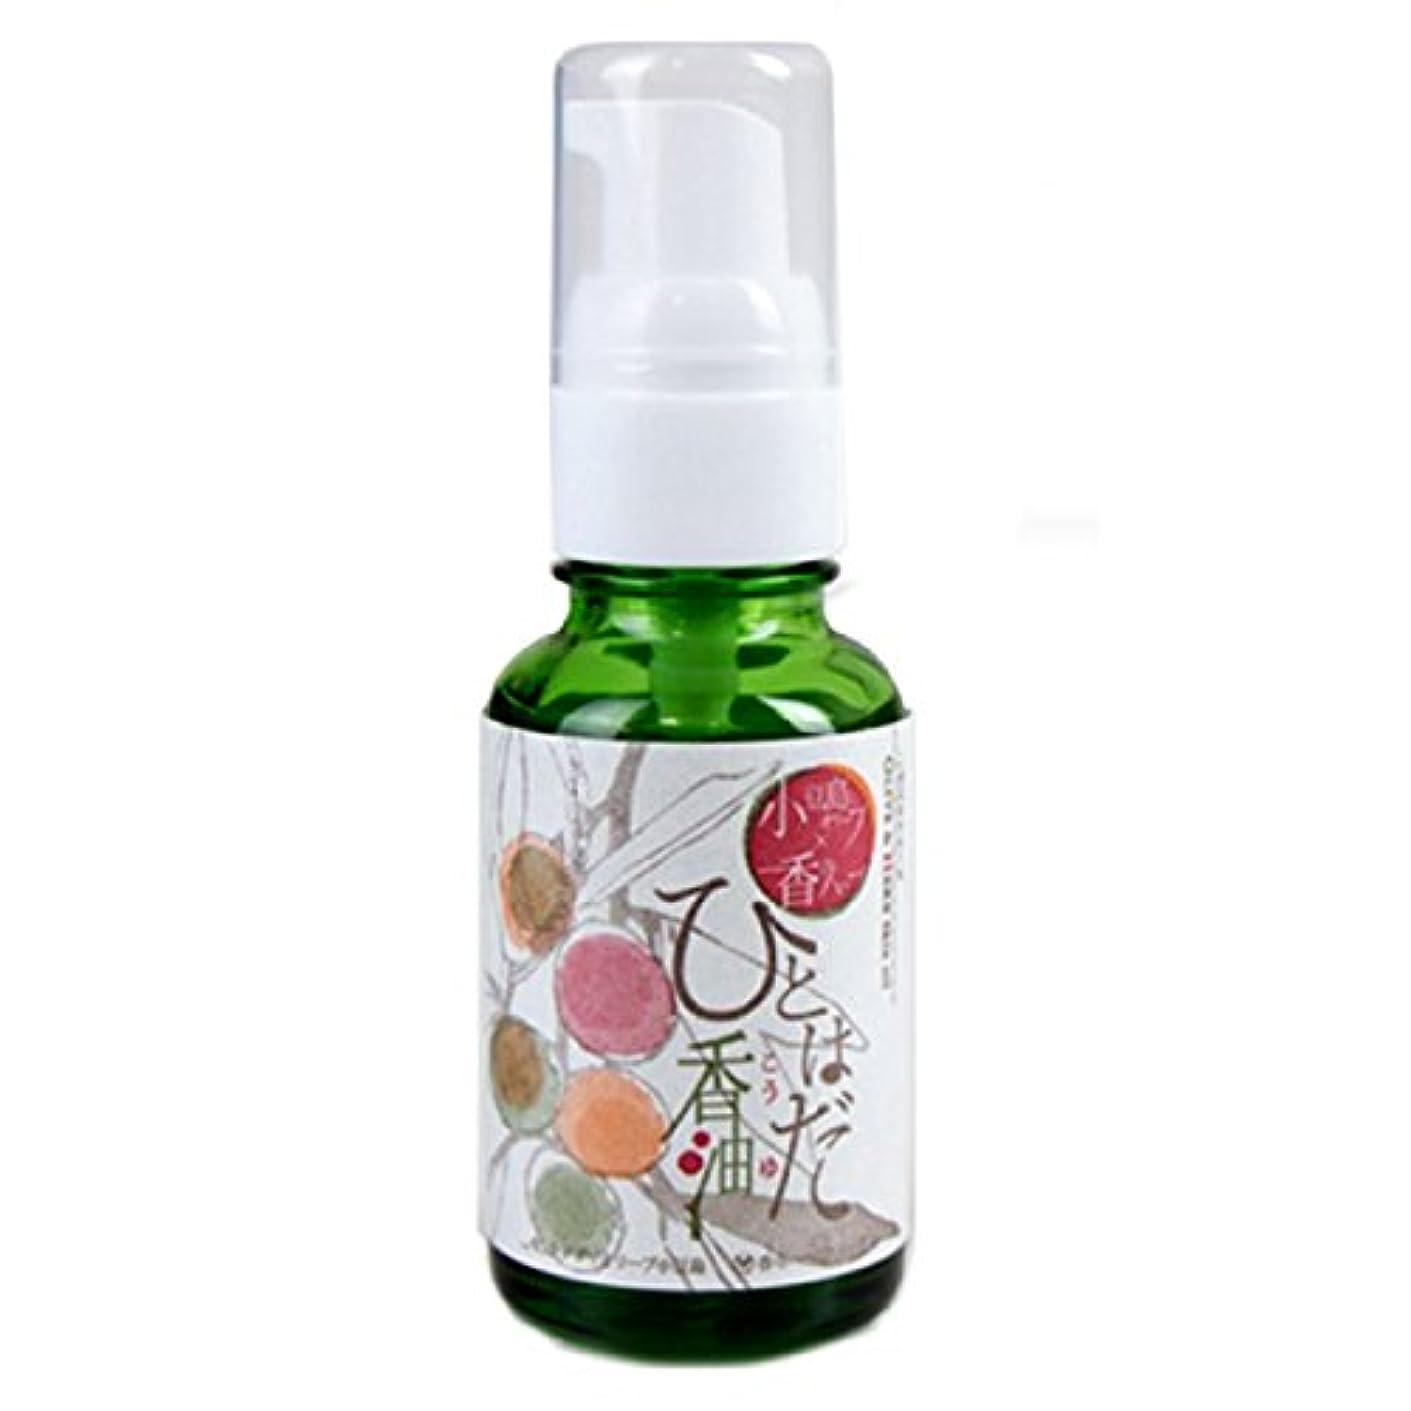 臭い全体に適応するアグリオリーブ小豆島 小豆島産オリーブオイル使用 ボディスキンケアオイル 「ひとはだ香油」 30mlボトル